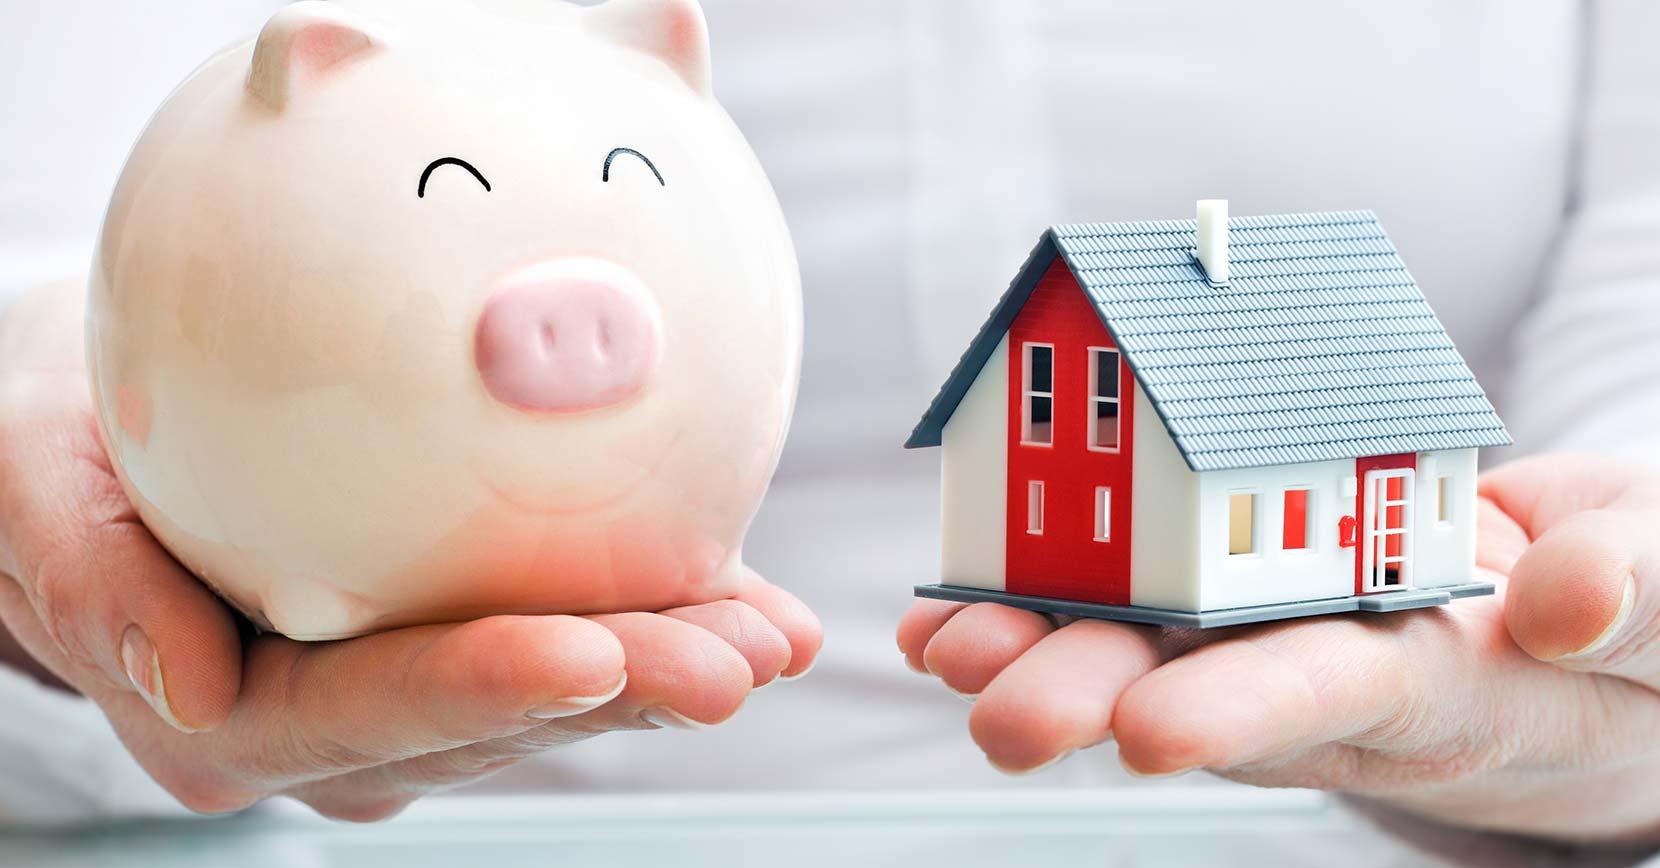 crédito à habitação mais barato